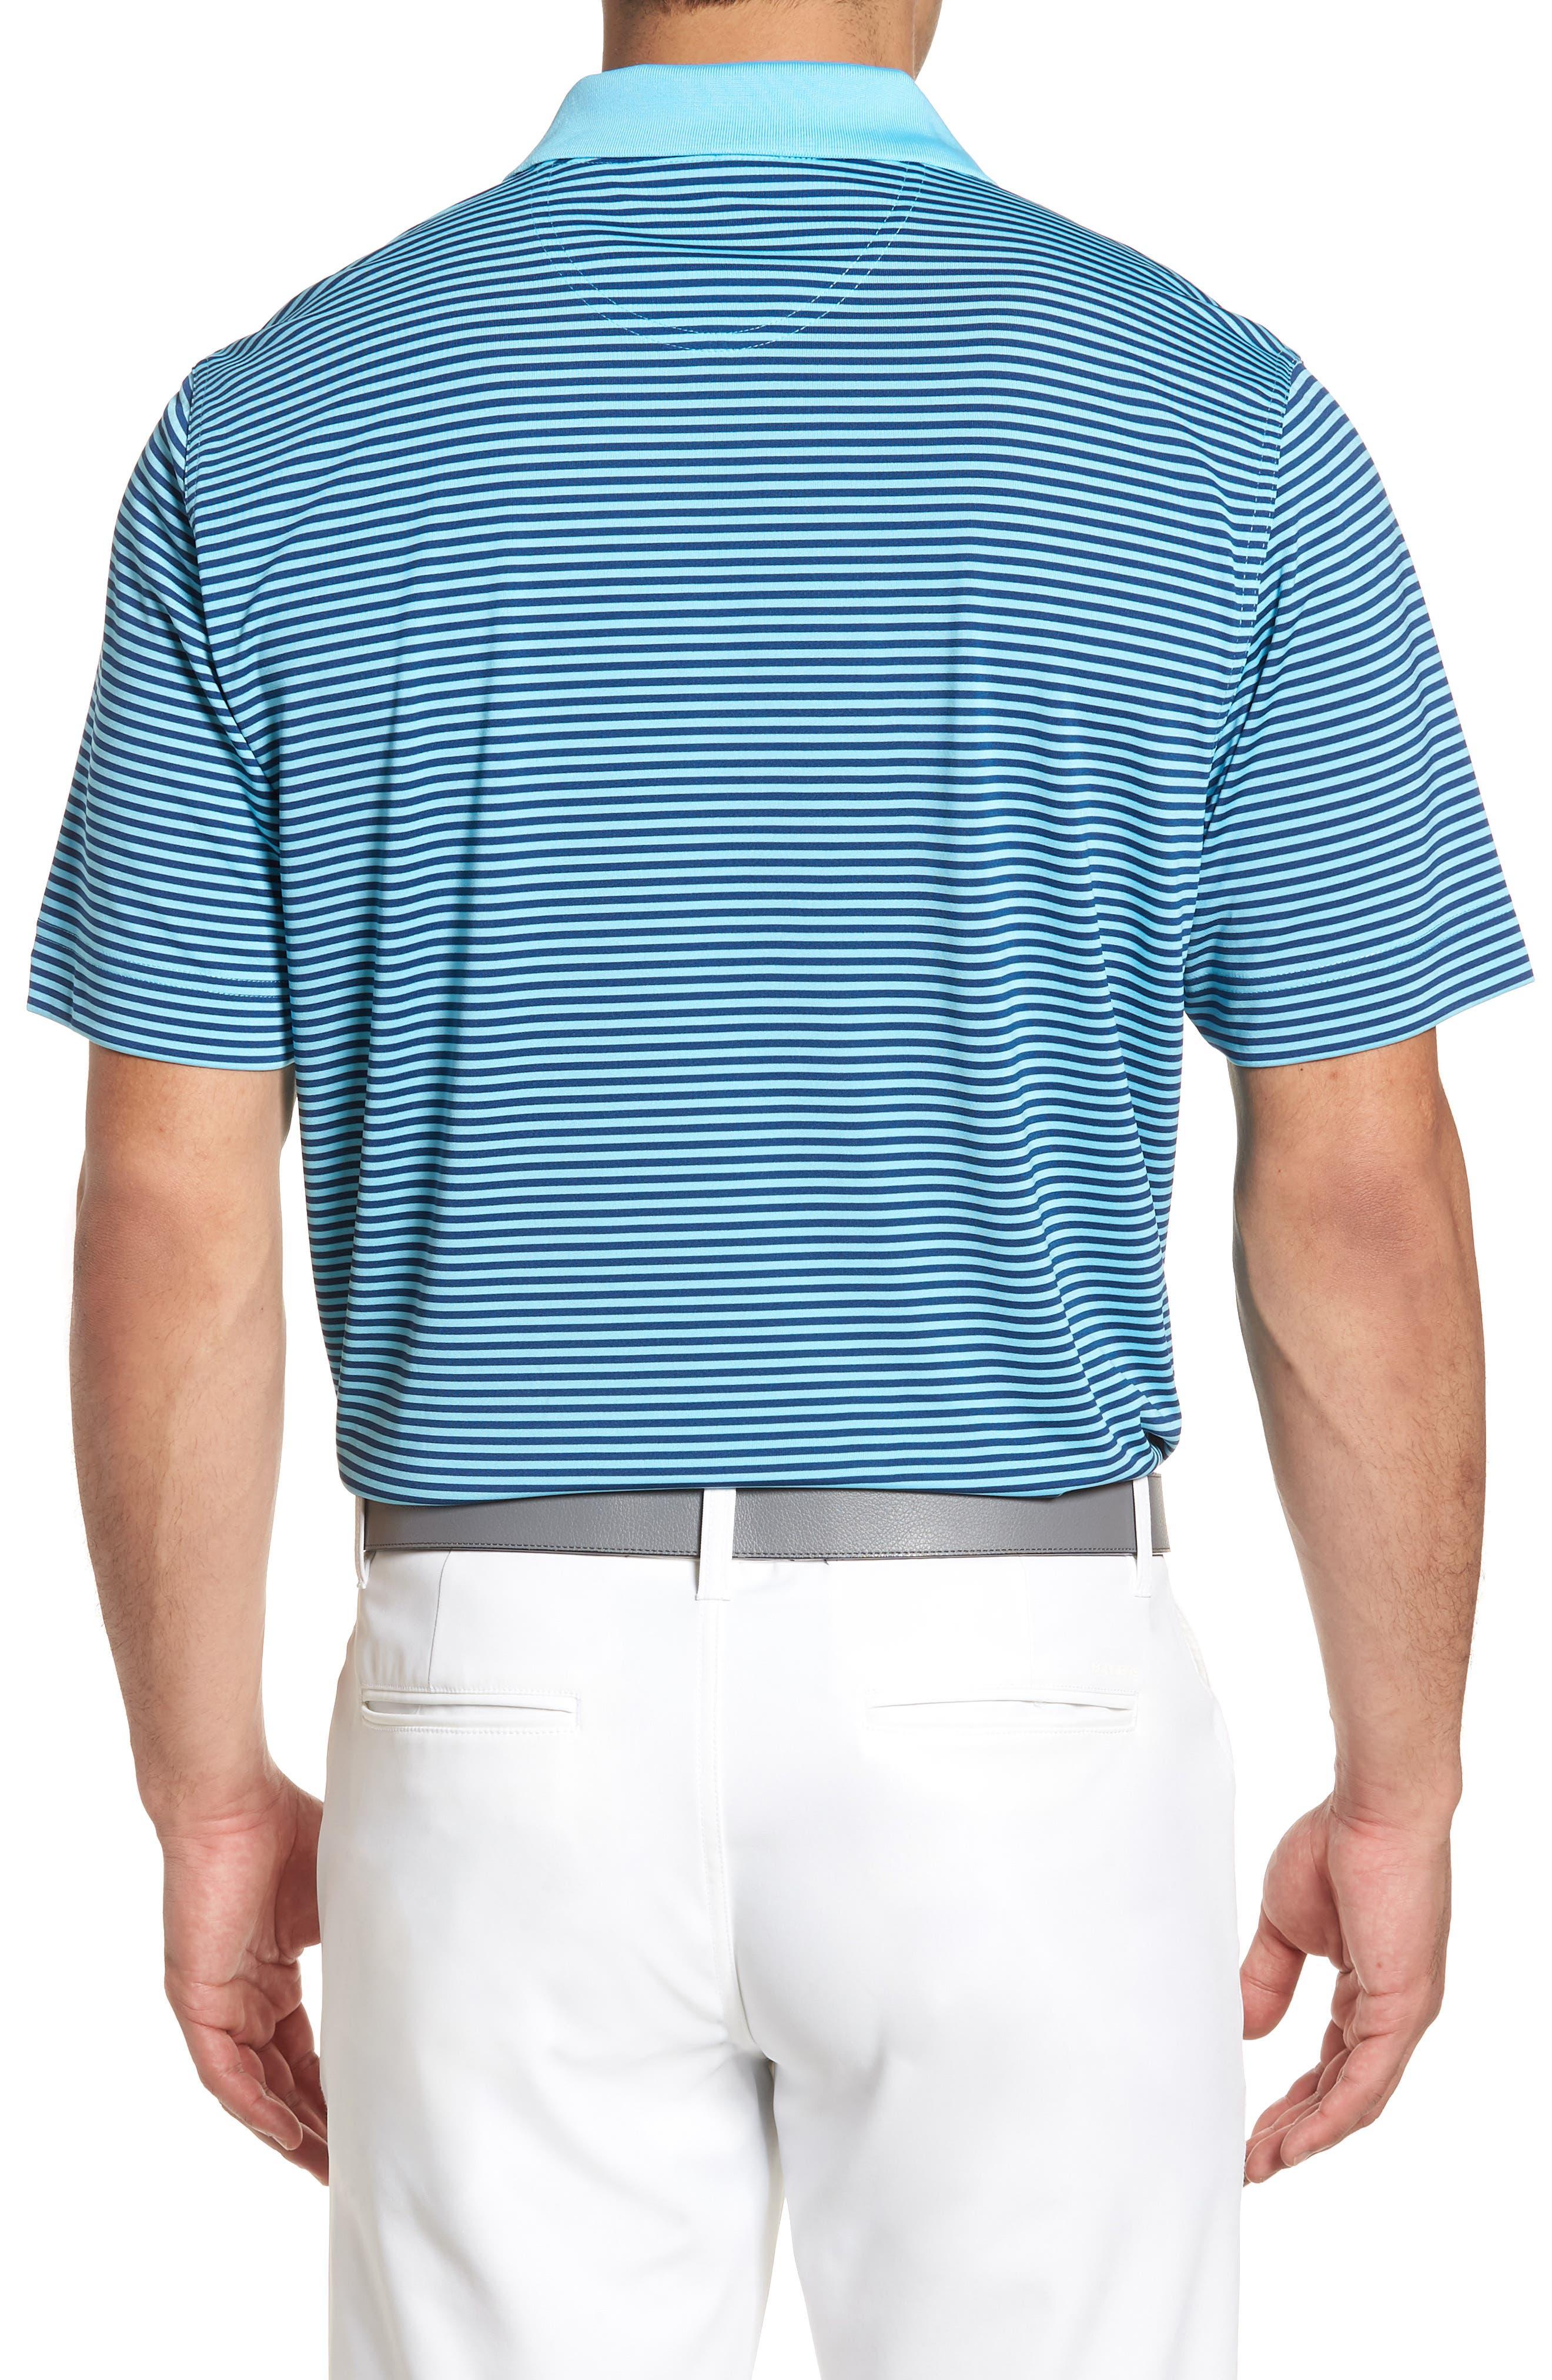 Alternate Image 2  - Cutter & Buck Trevor Stripe DryTec Polo